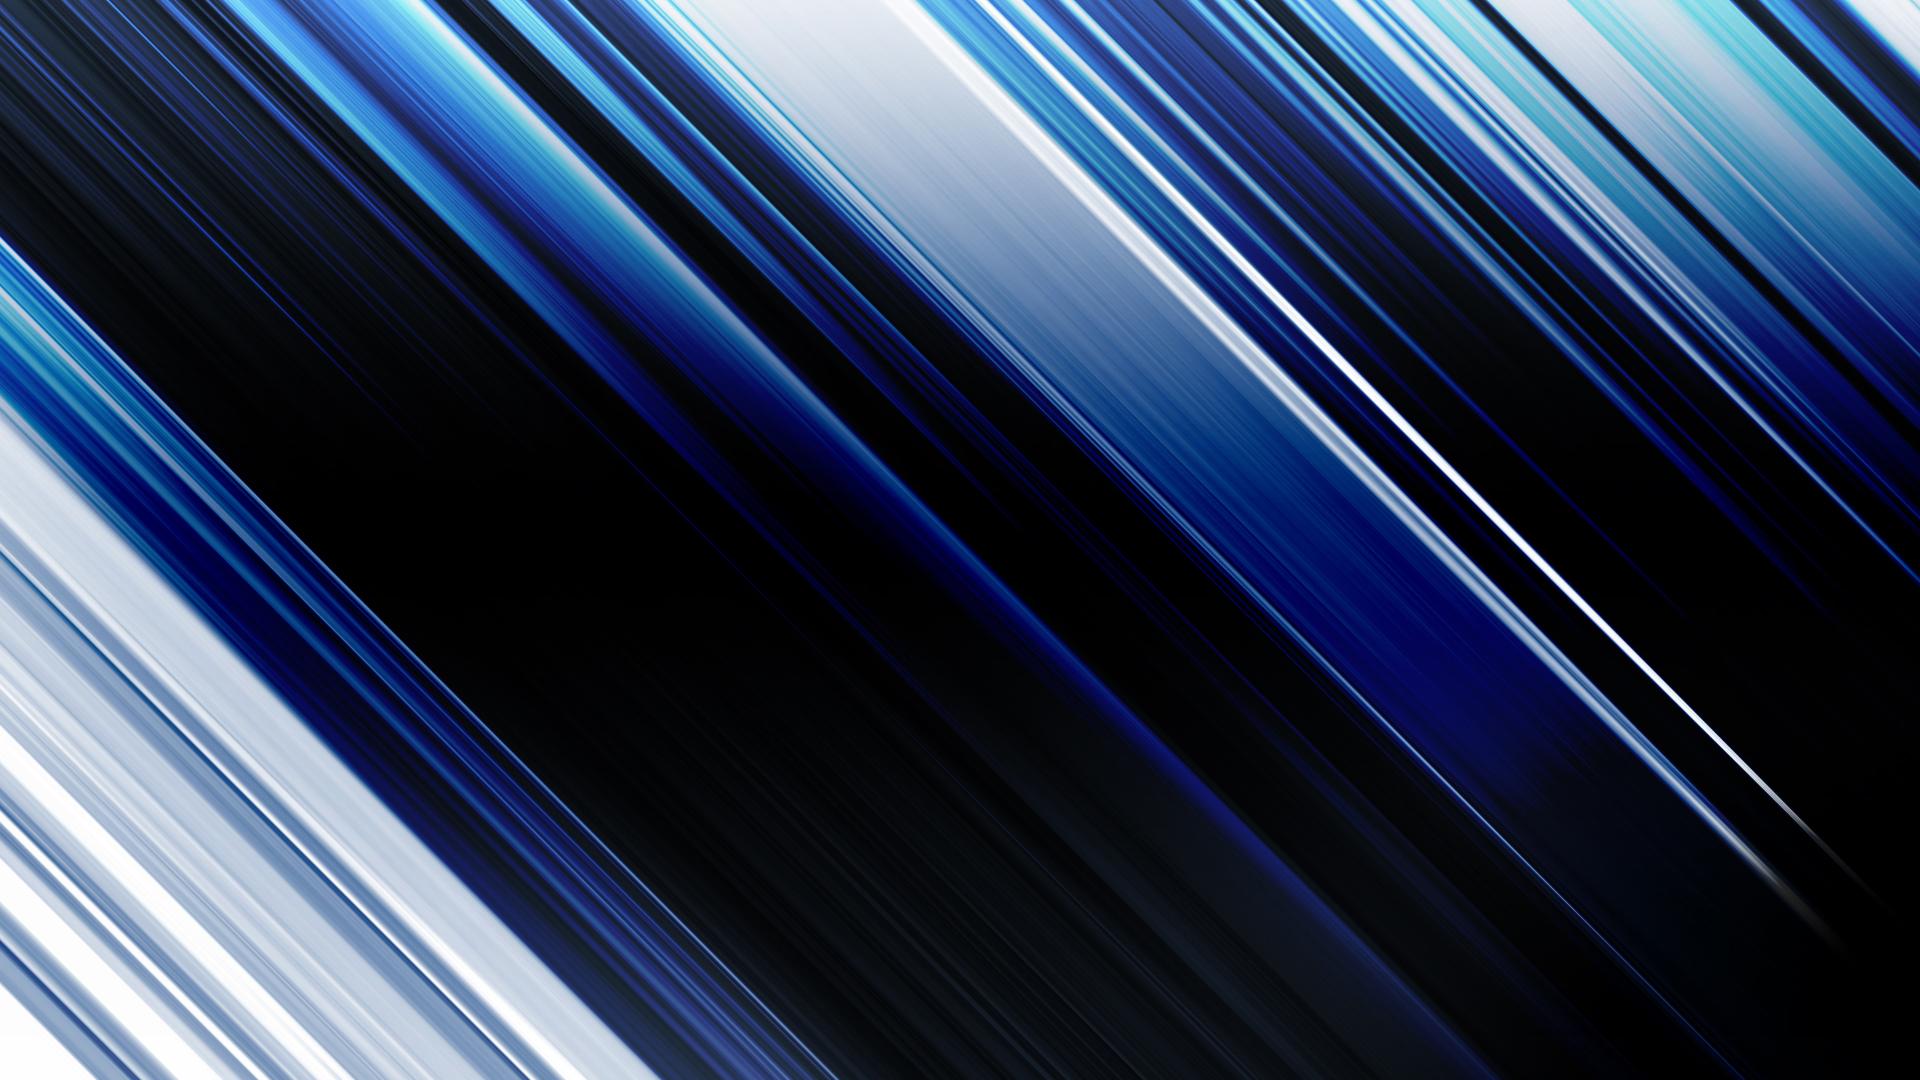 Abstract Wallpaper Blue wallpaper   732310 1920x1080